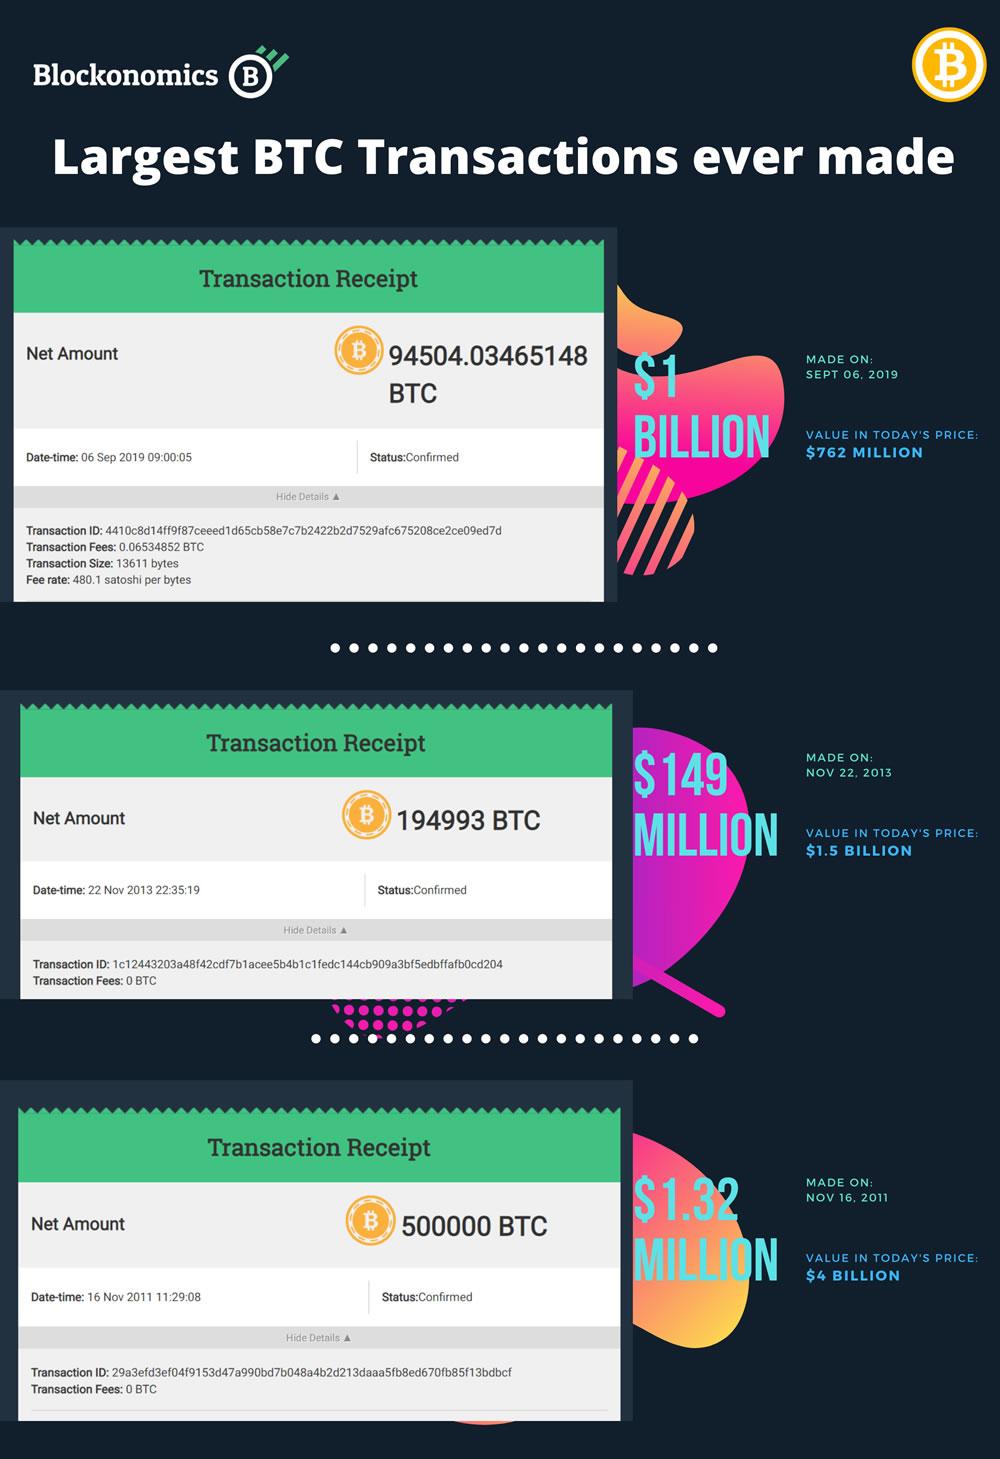 bitcoin transactions top 3